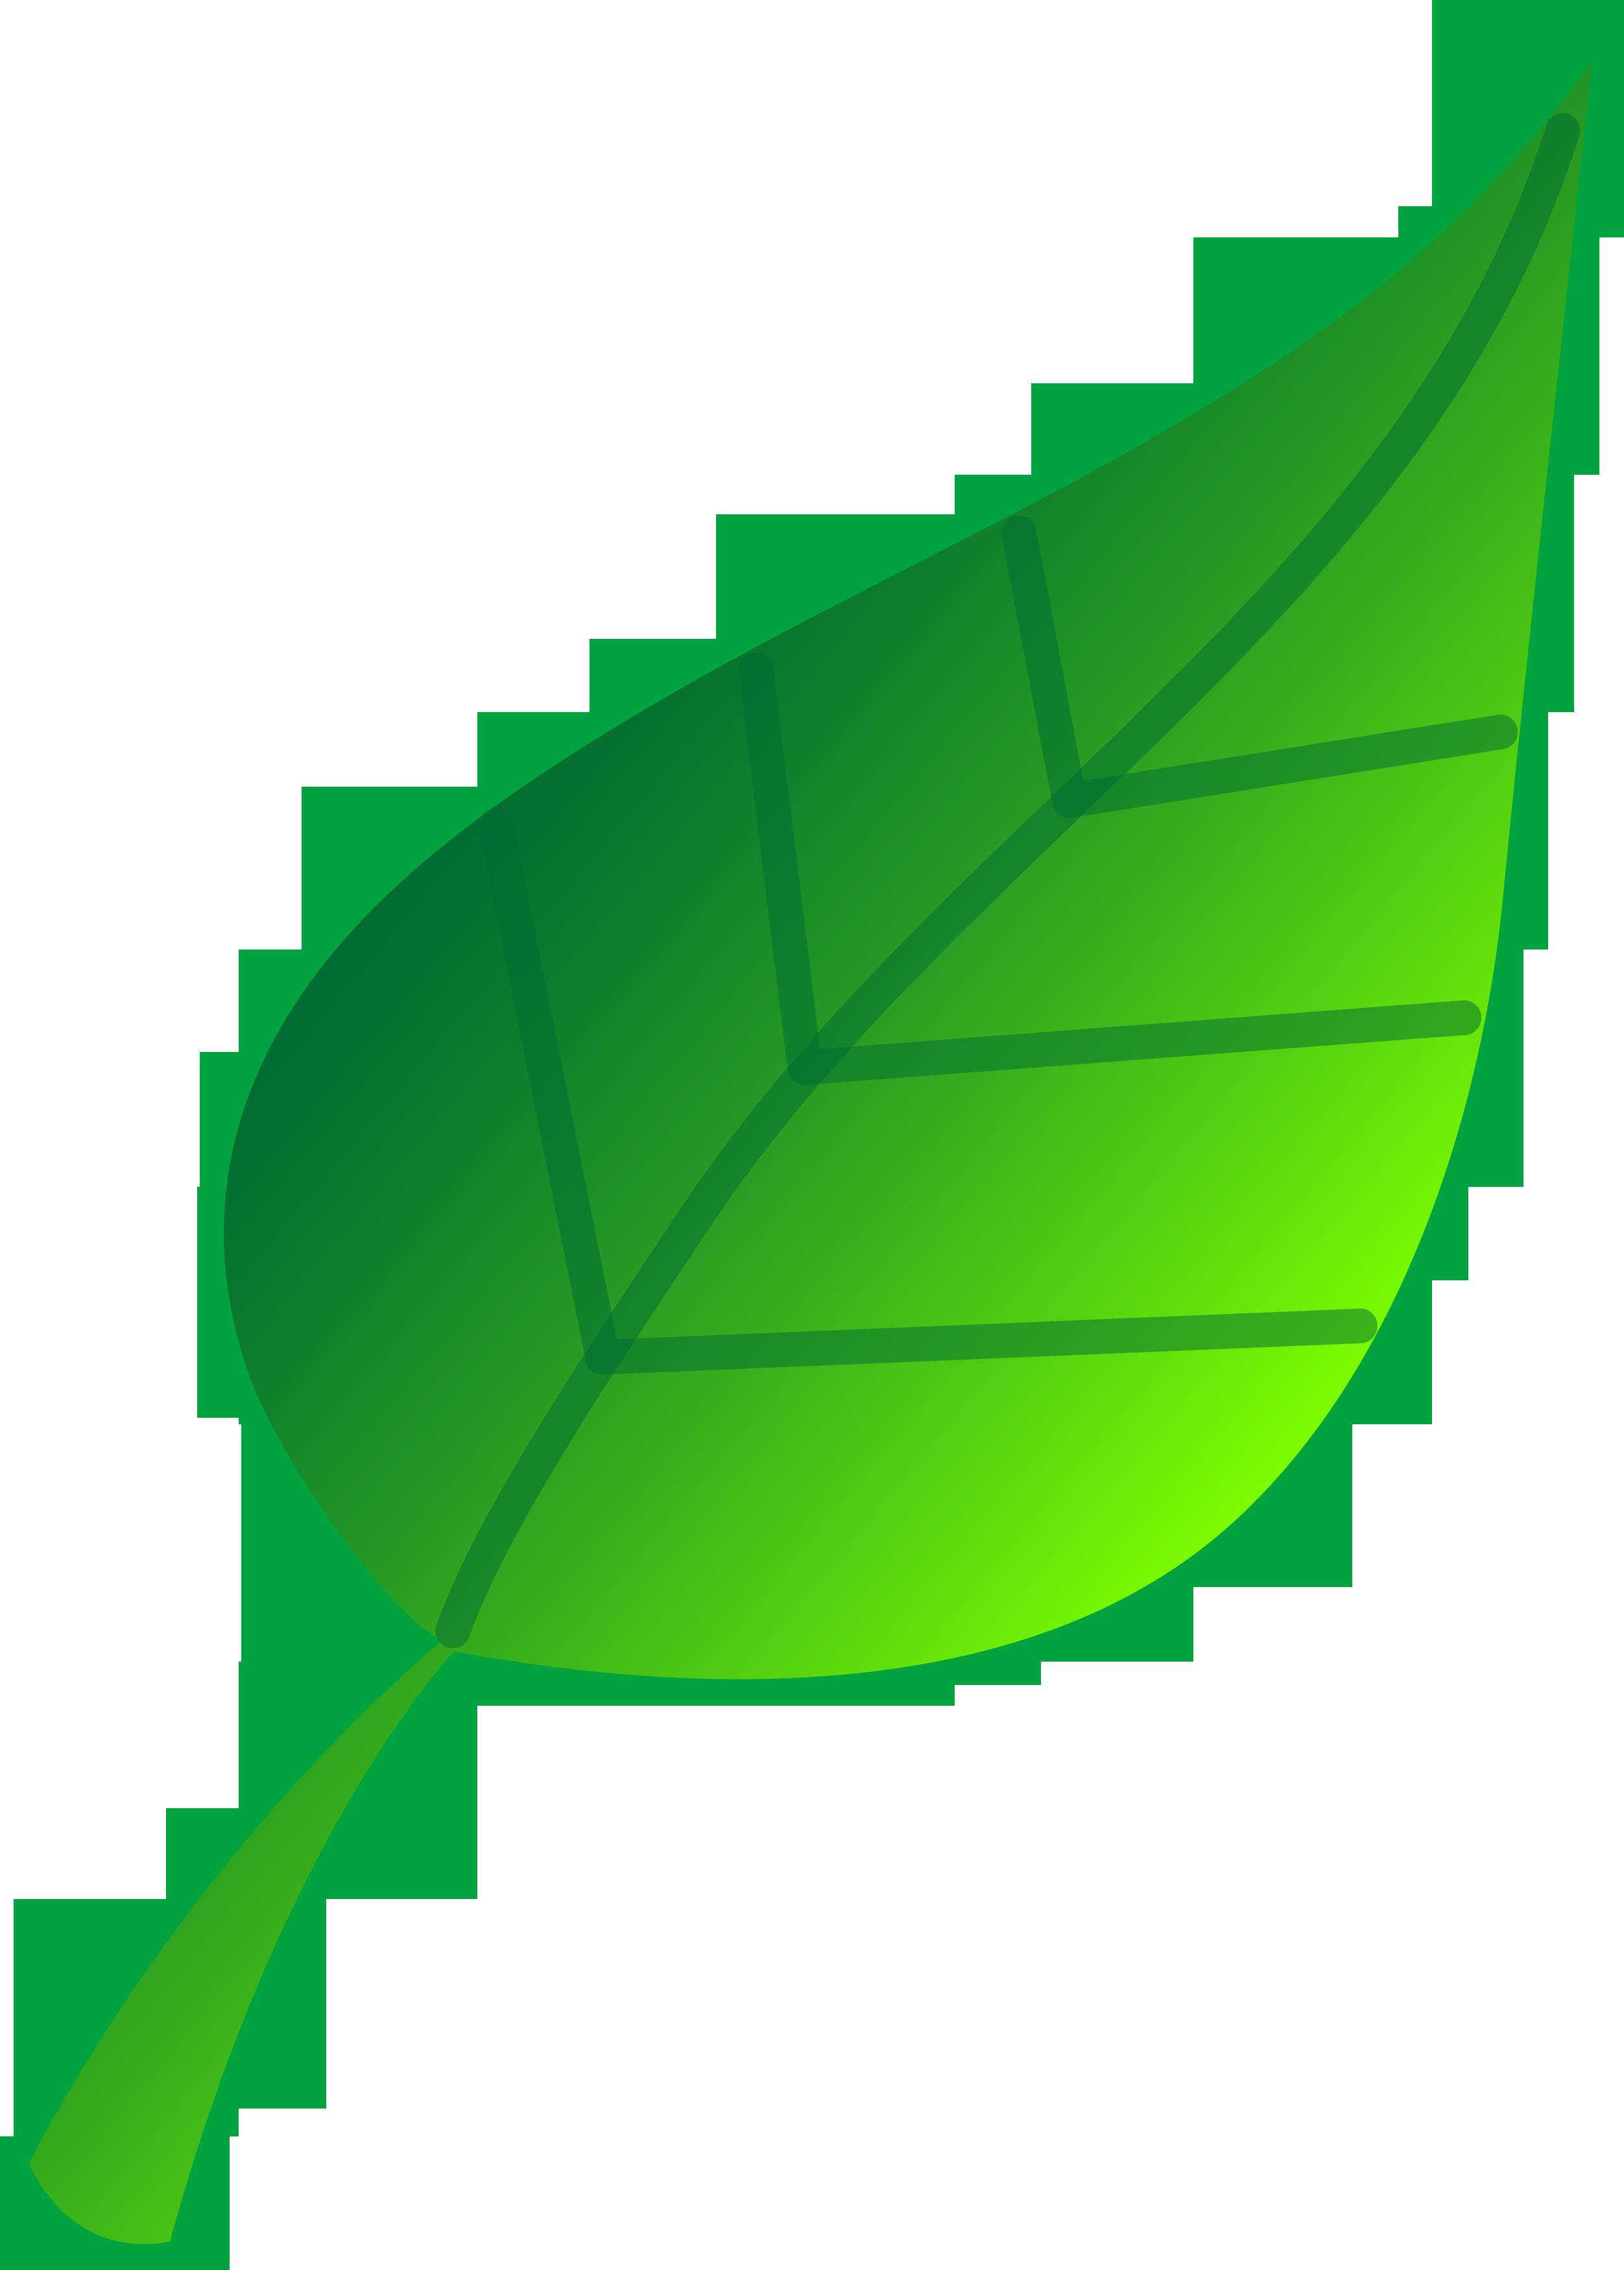 15 Leaf Design Clip Art Images